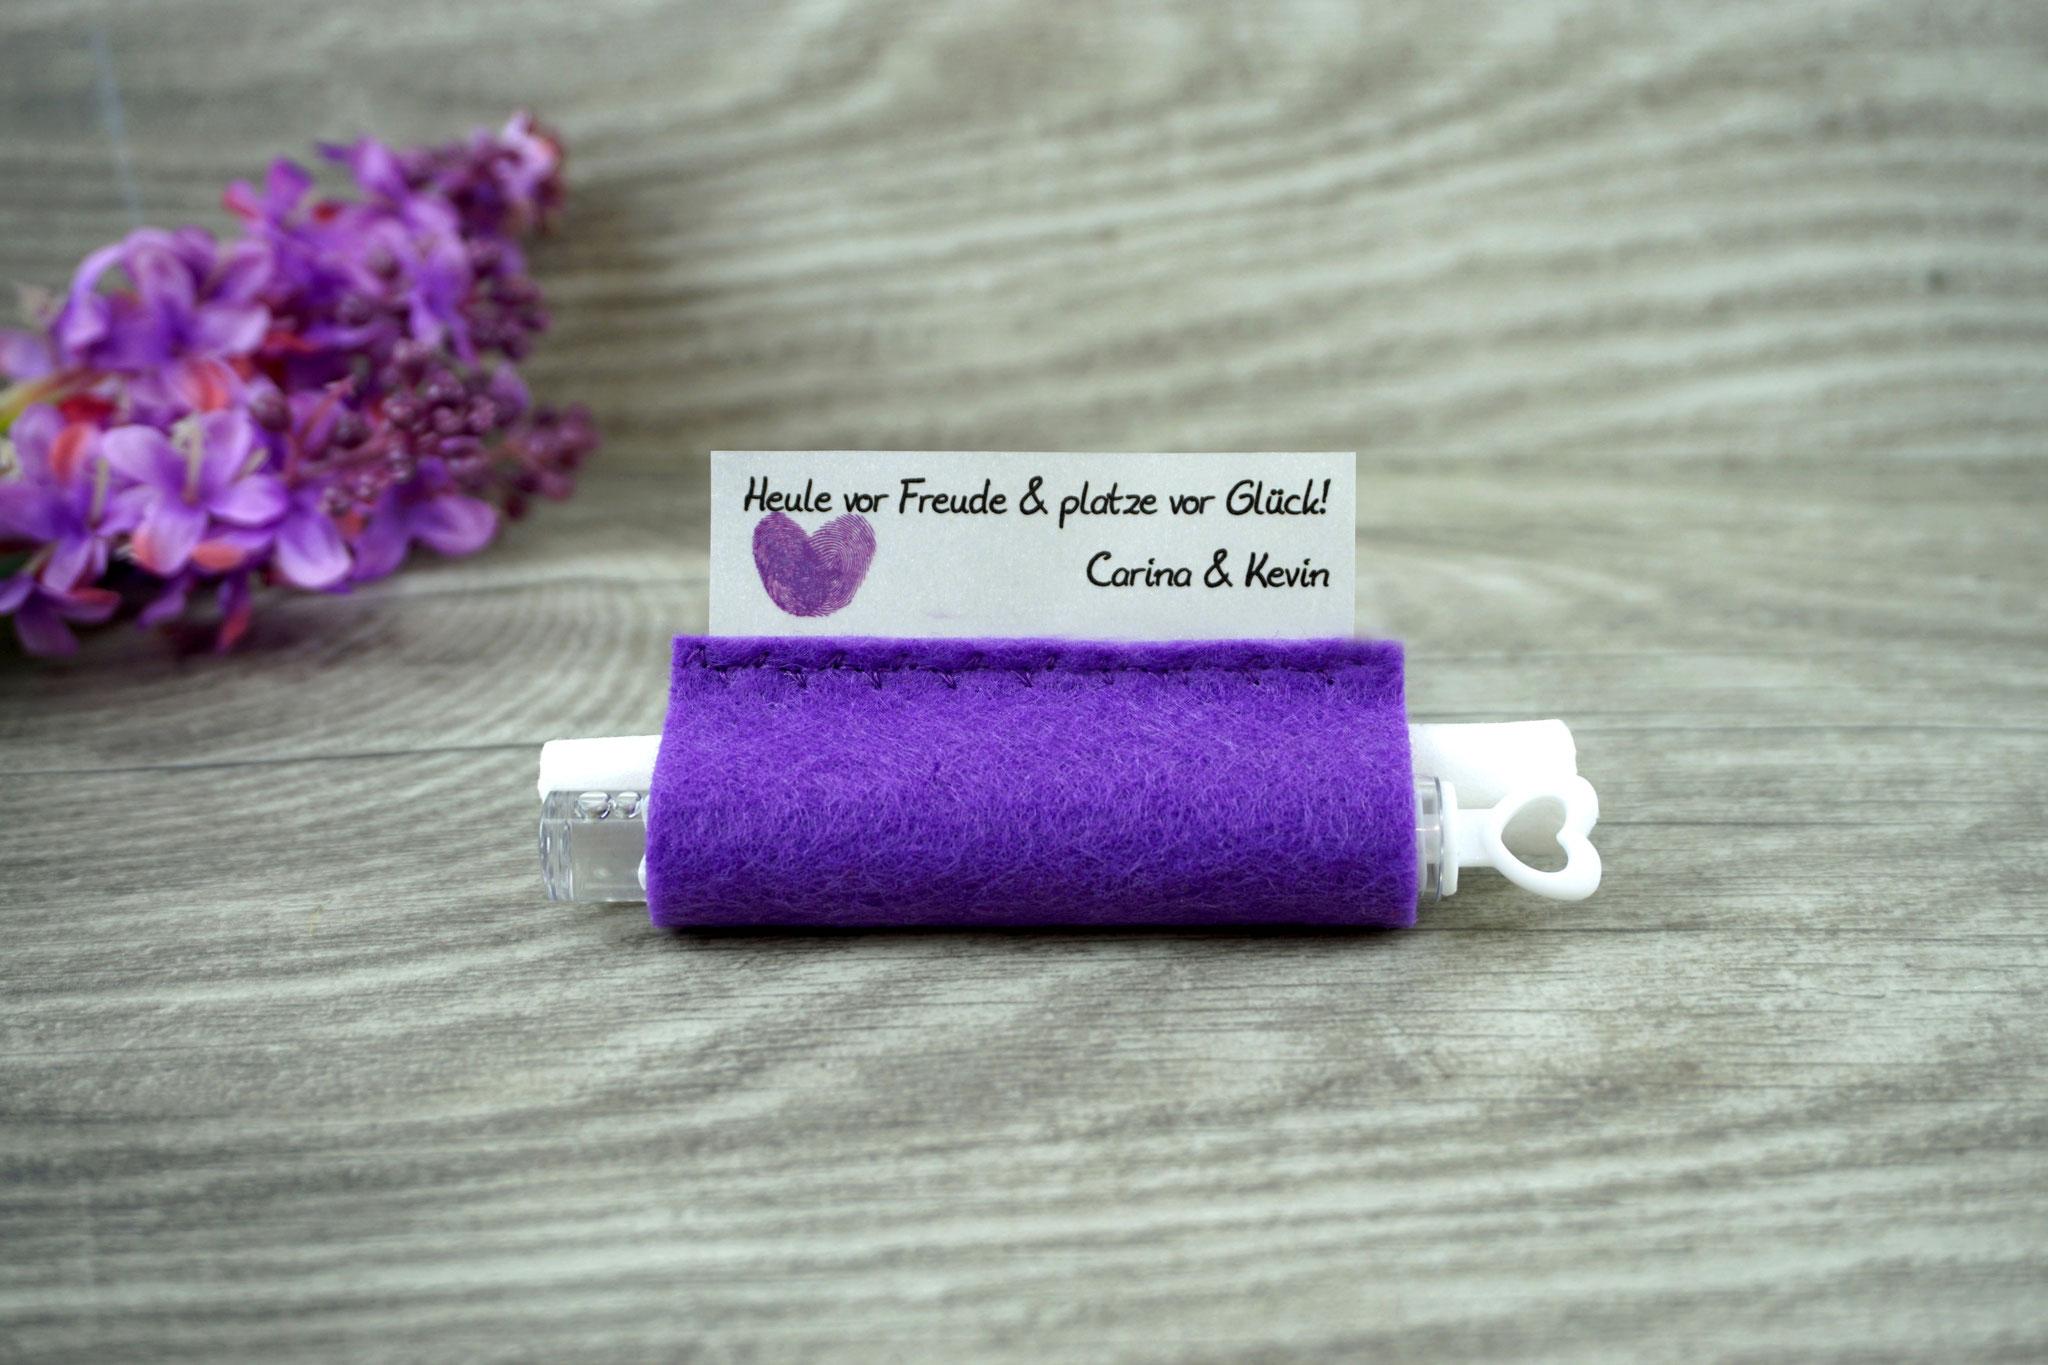 Freudentränen Taschentücher mit Weddingbubbles, Filz lila, Design Fingerprint